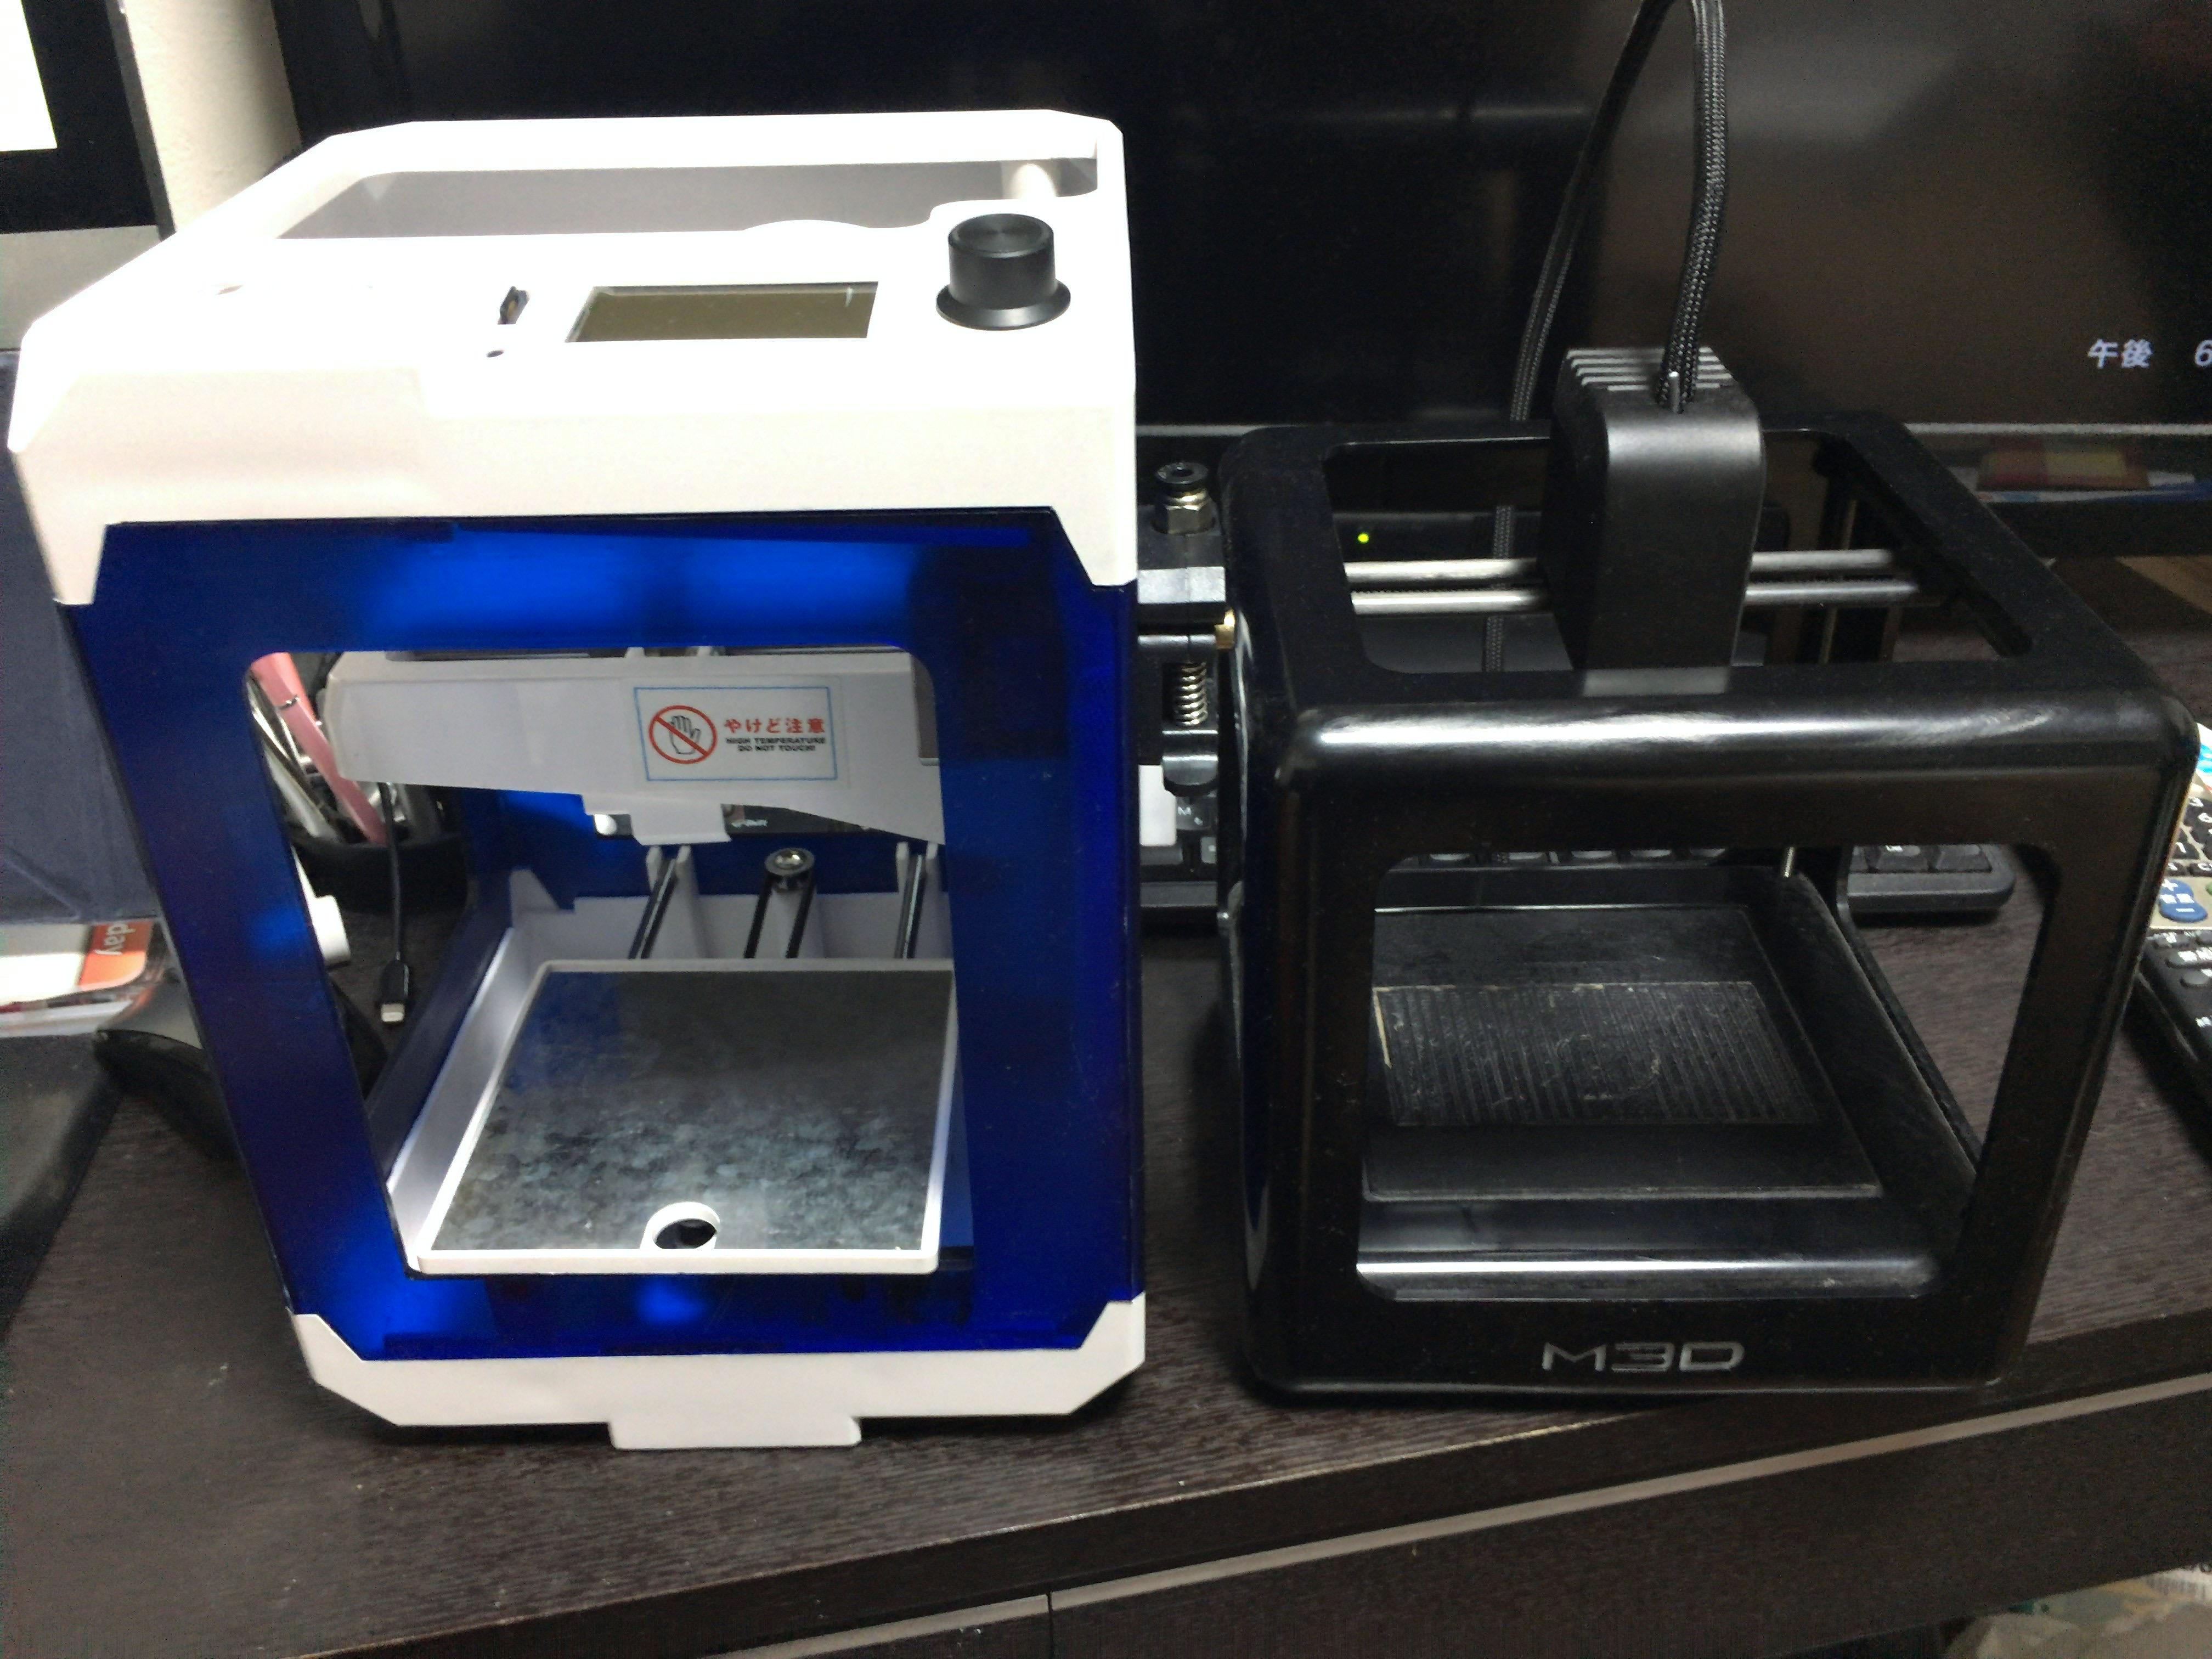 ボンサイラボが新たに展開する3Dプリンタ「BS CUBE」がやってきた